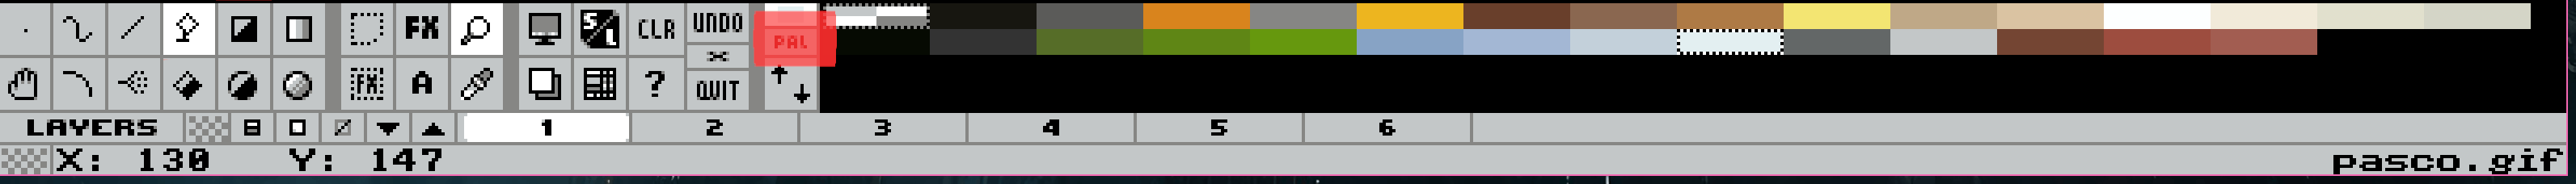 Le bouton PAL sur la barre d'outils de grafx